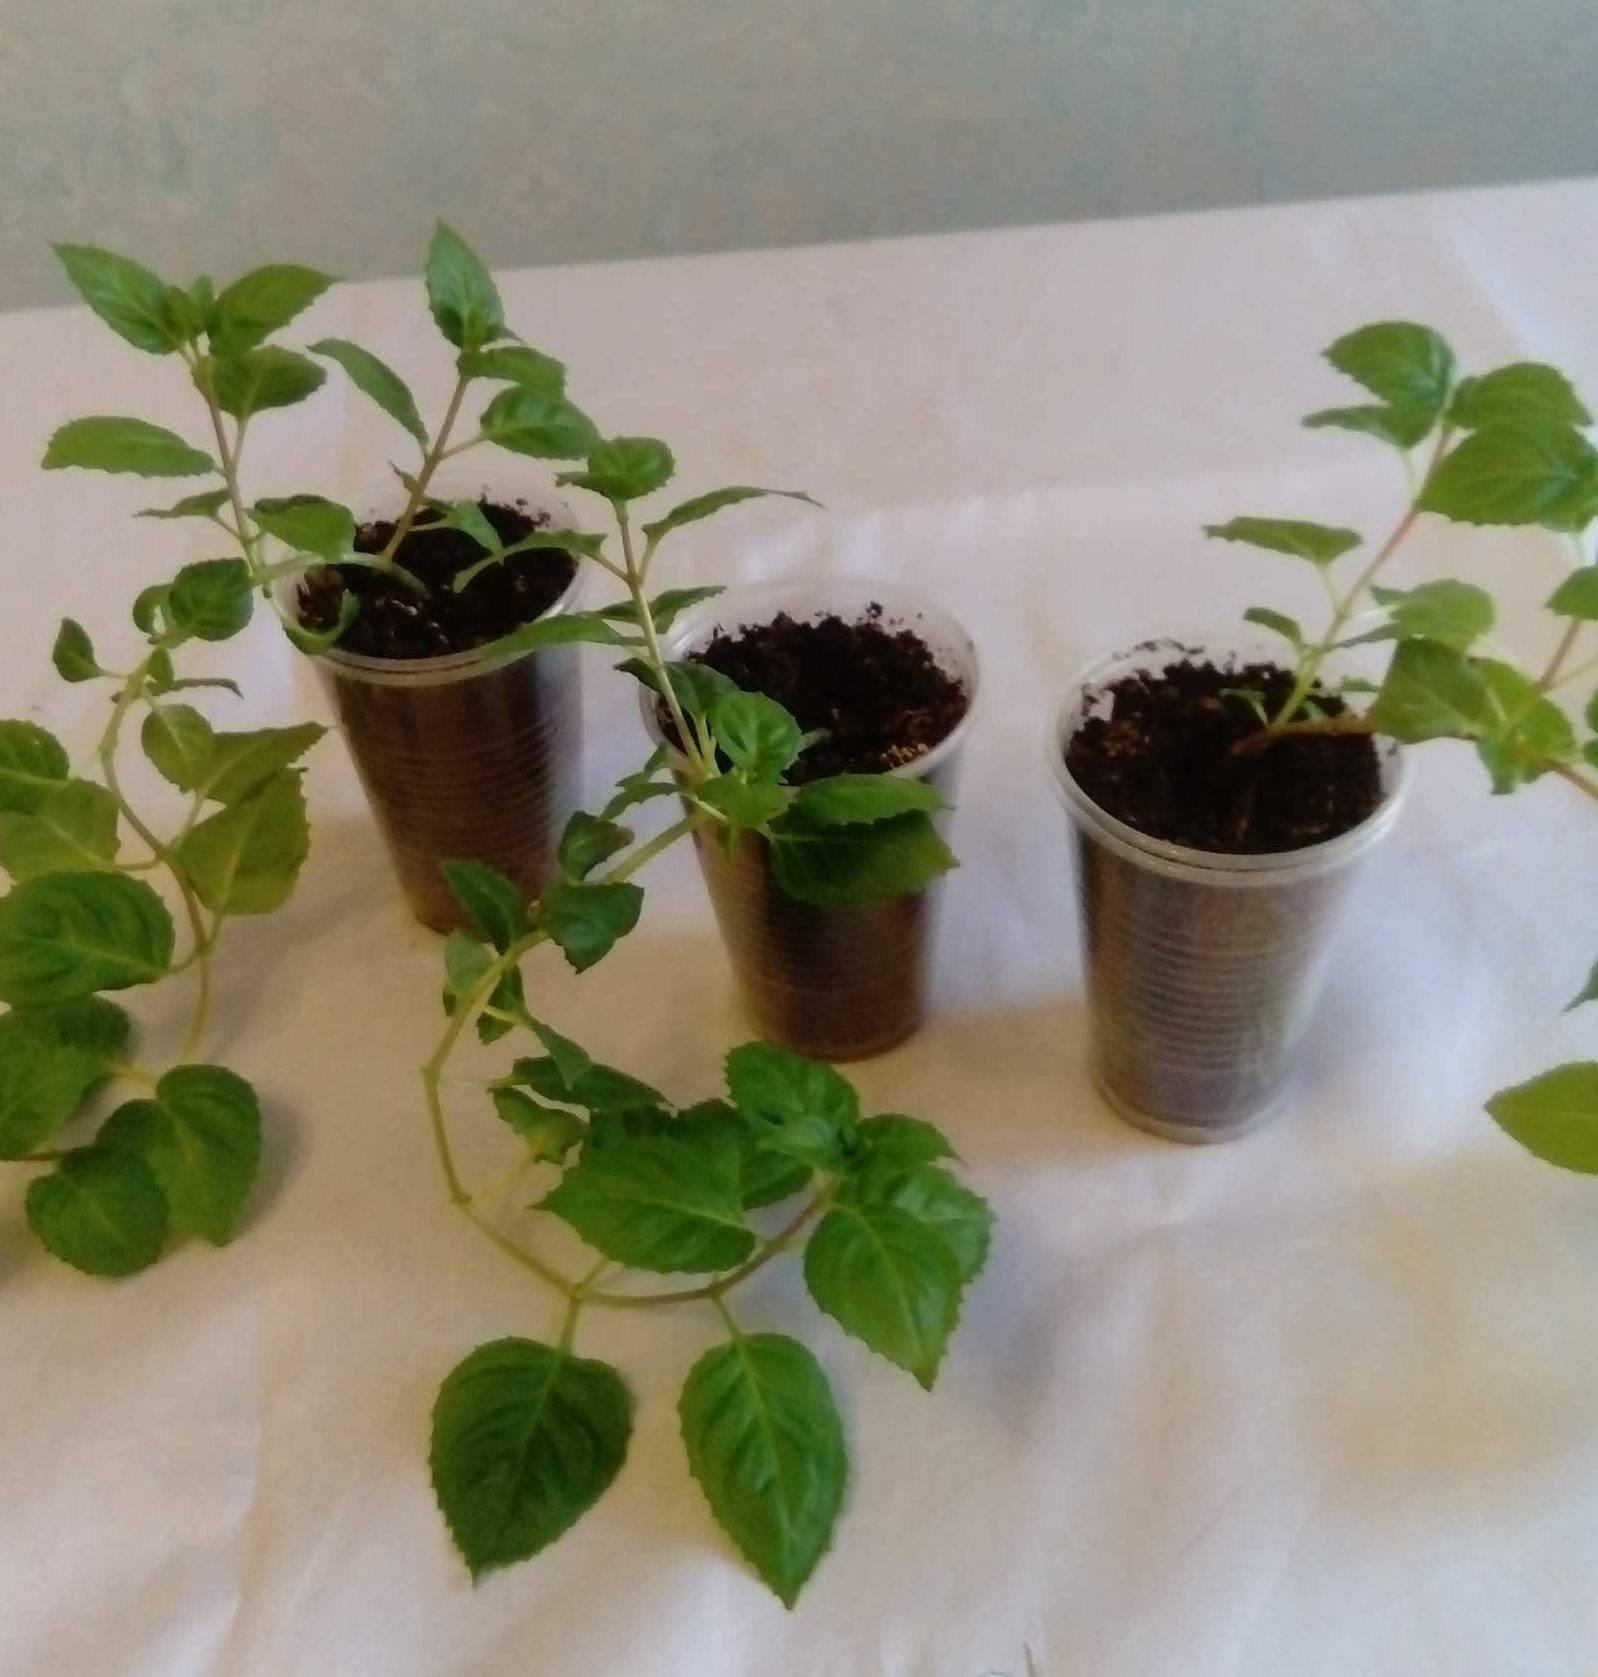 Фуксия: размножения в домашних условиях черенками, видео с черенкованием фуксии, как выращивать черенок дома